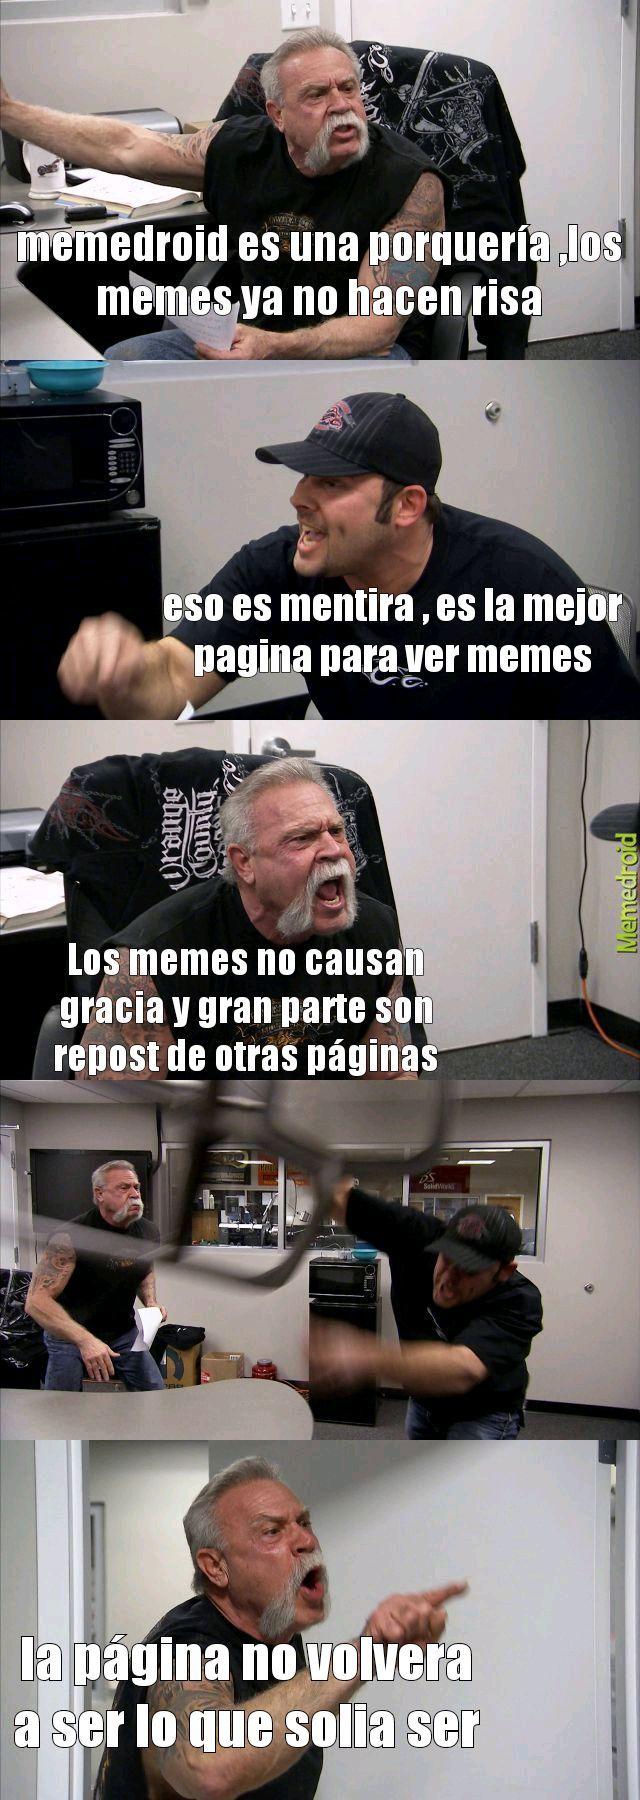 hahan't - meme